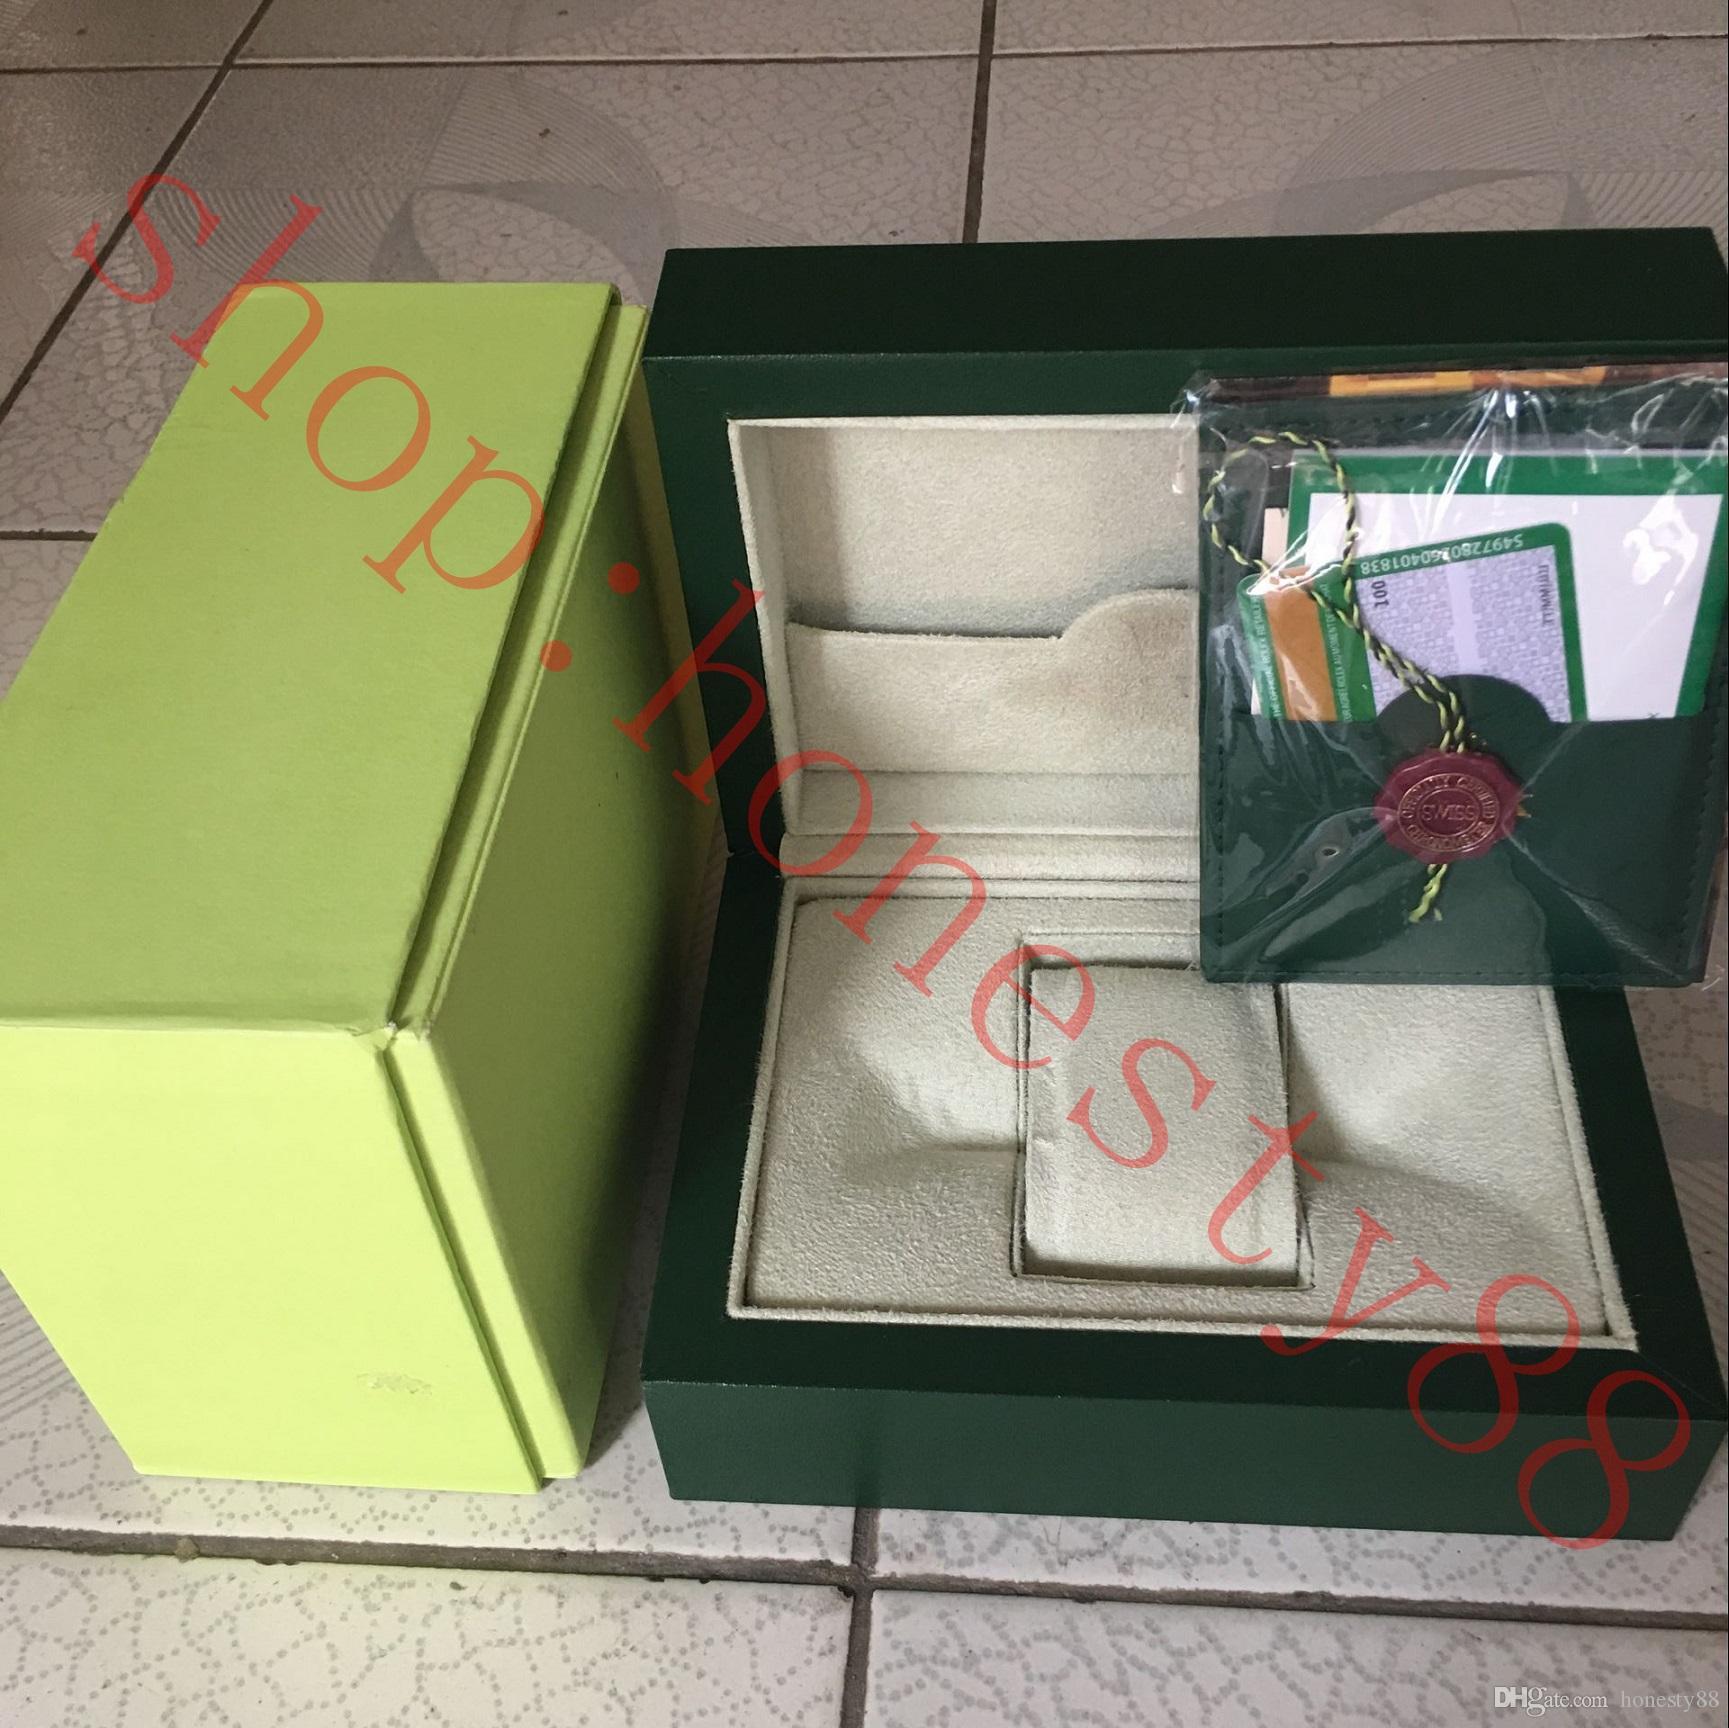 f8ec60737fc Compre Frete Grátis Top Relógio De Luxo Verde Caixa Original Papers Relógios  De Presente Caixas De Saco De Couro Cartão De 0.8 KG Para Rolex Watch Box  De ...